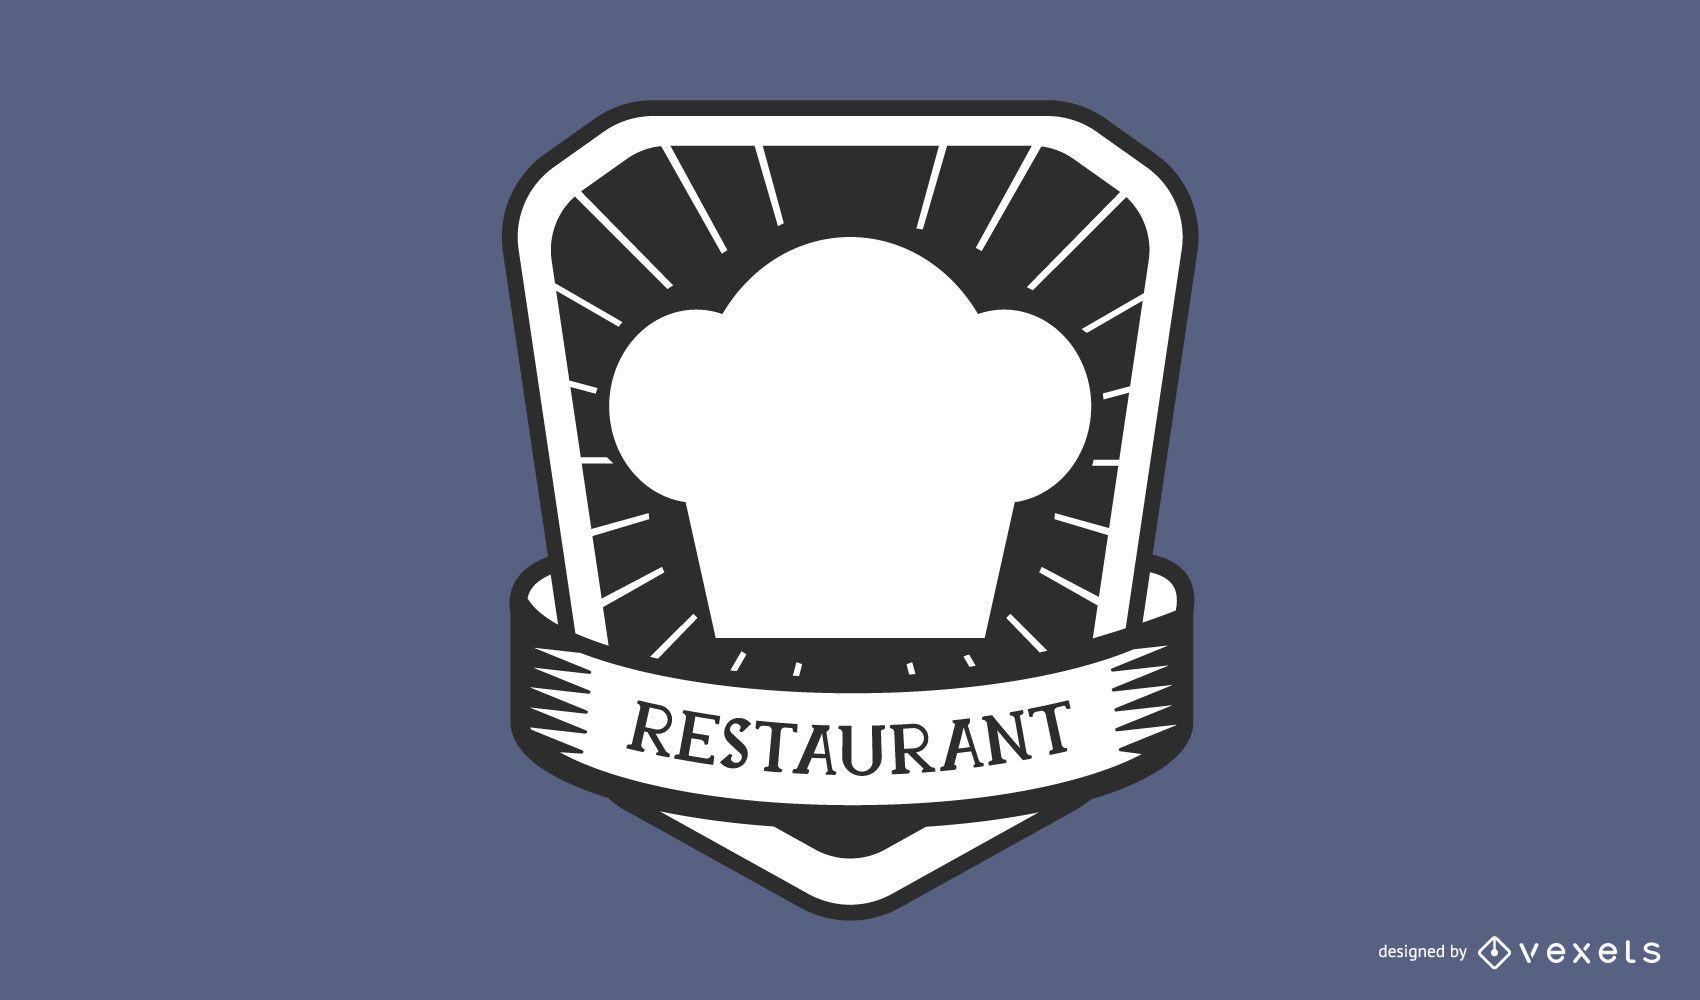 Restaurant chef hat logo design